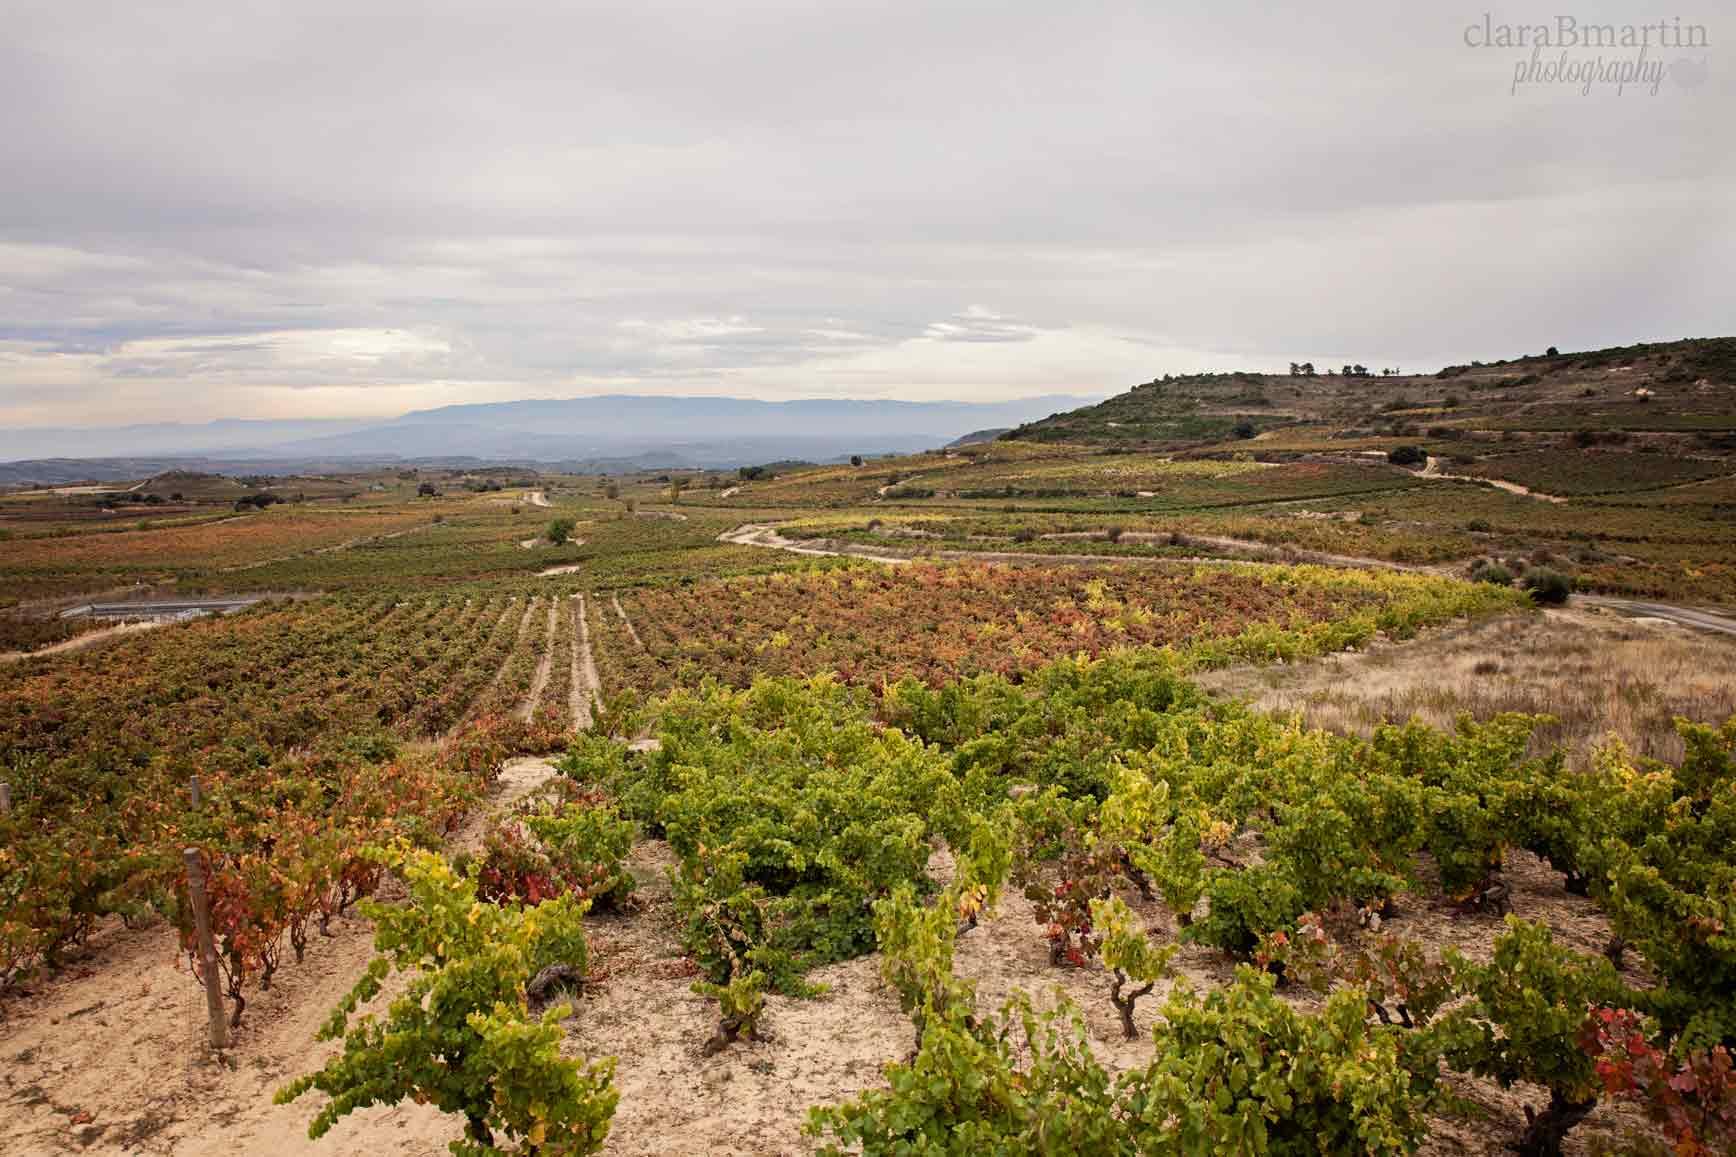 Rioja-claraBmartin-17